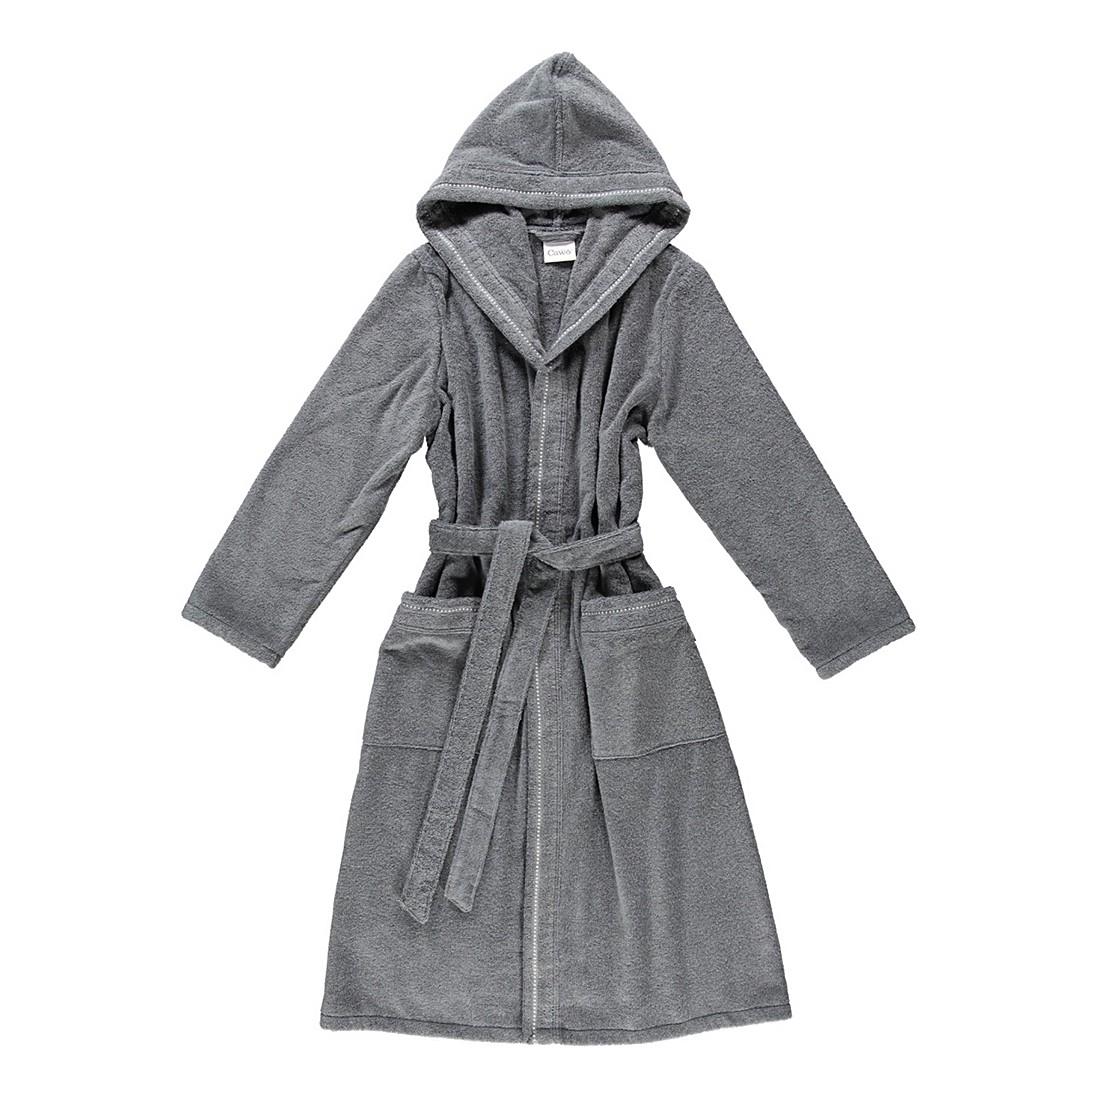 Bademantel 4110 – Damen – FRottier – 100% Baumwolle – Anthrazit – 774 – Größe: XS, Cawö online kaufen